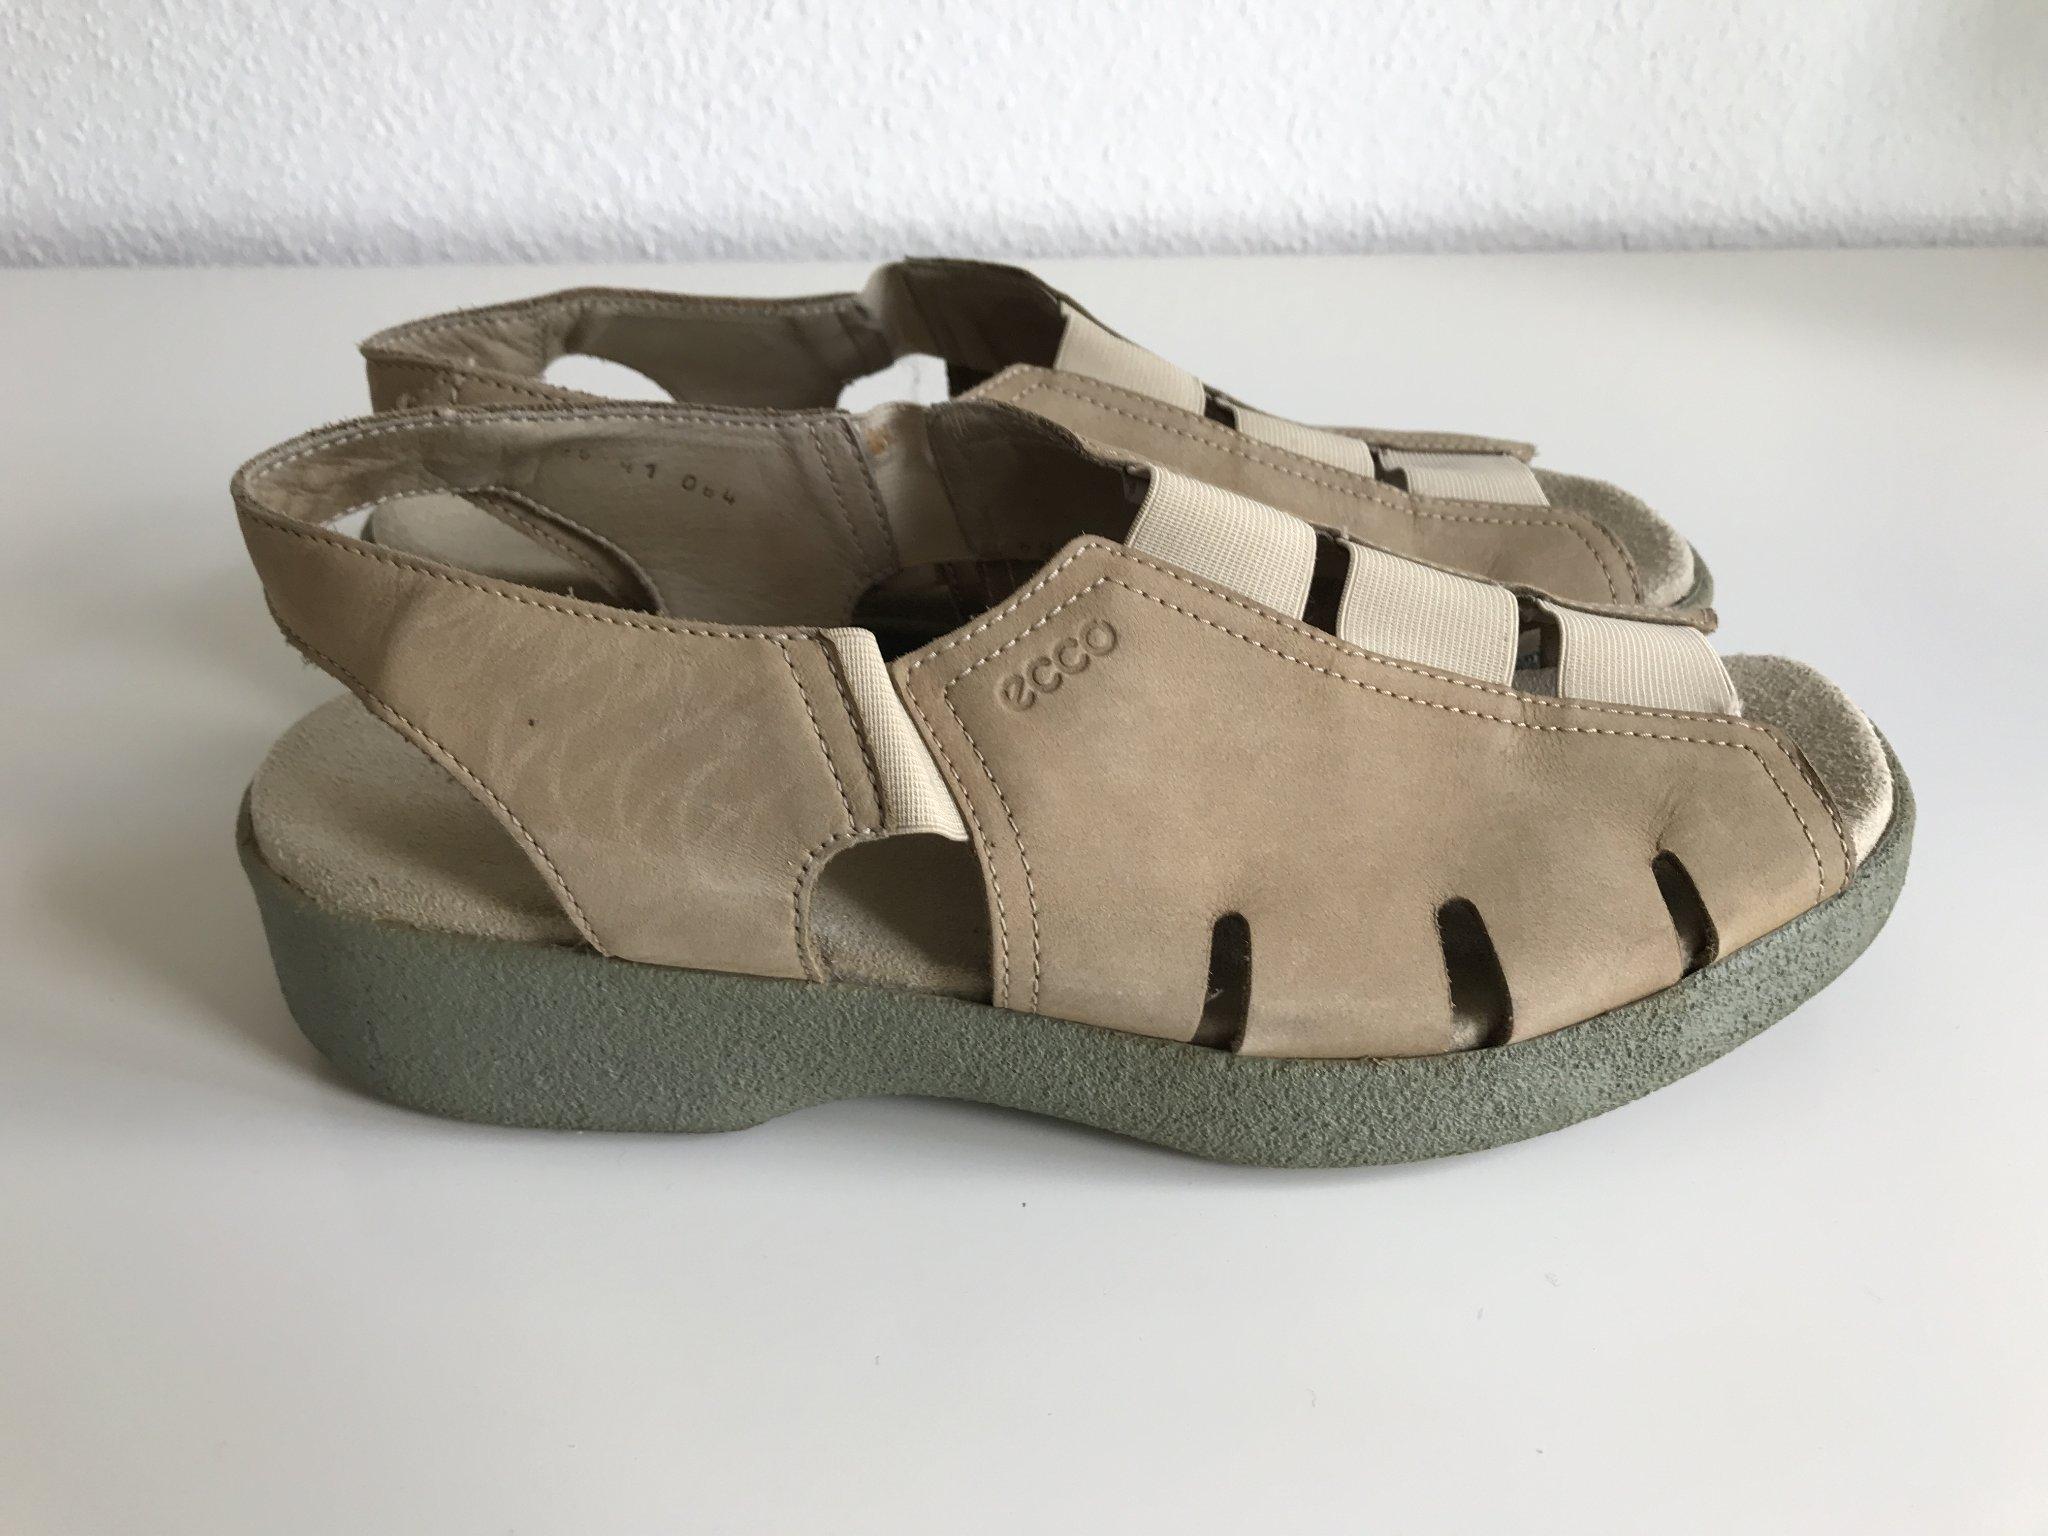 4827c71c41e Ecco ECCO Soft sandaler skor storlek 41 (351277745) ᐈ Köp på Tradera